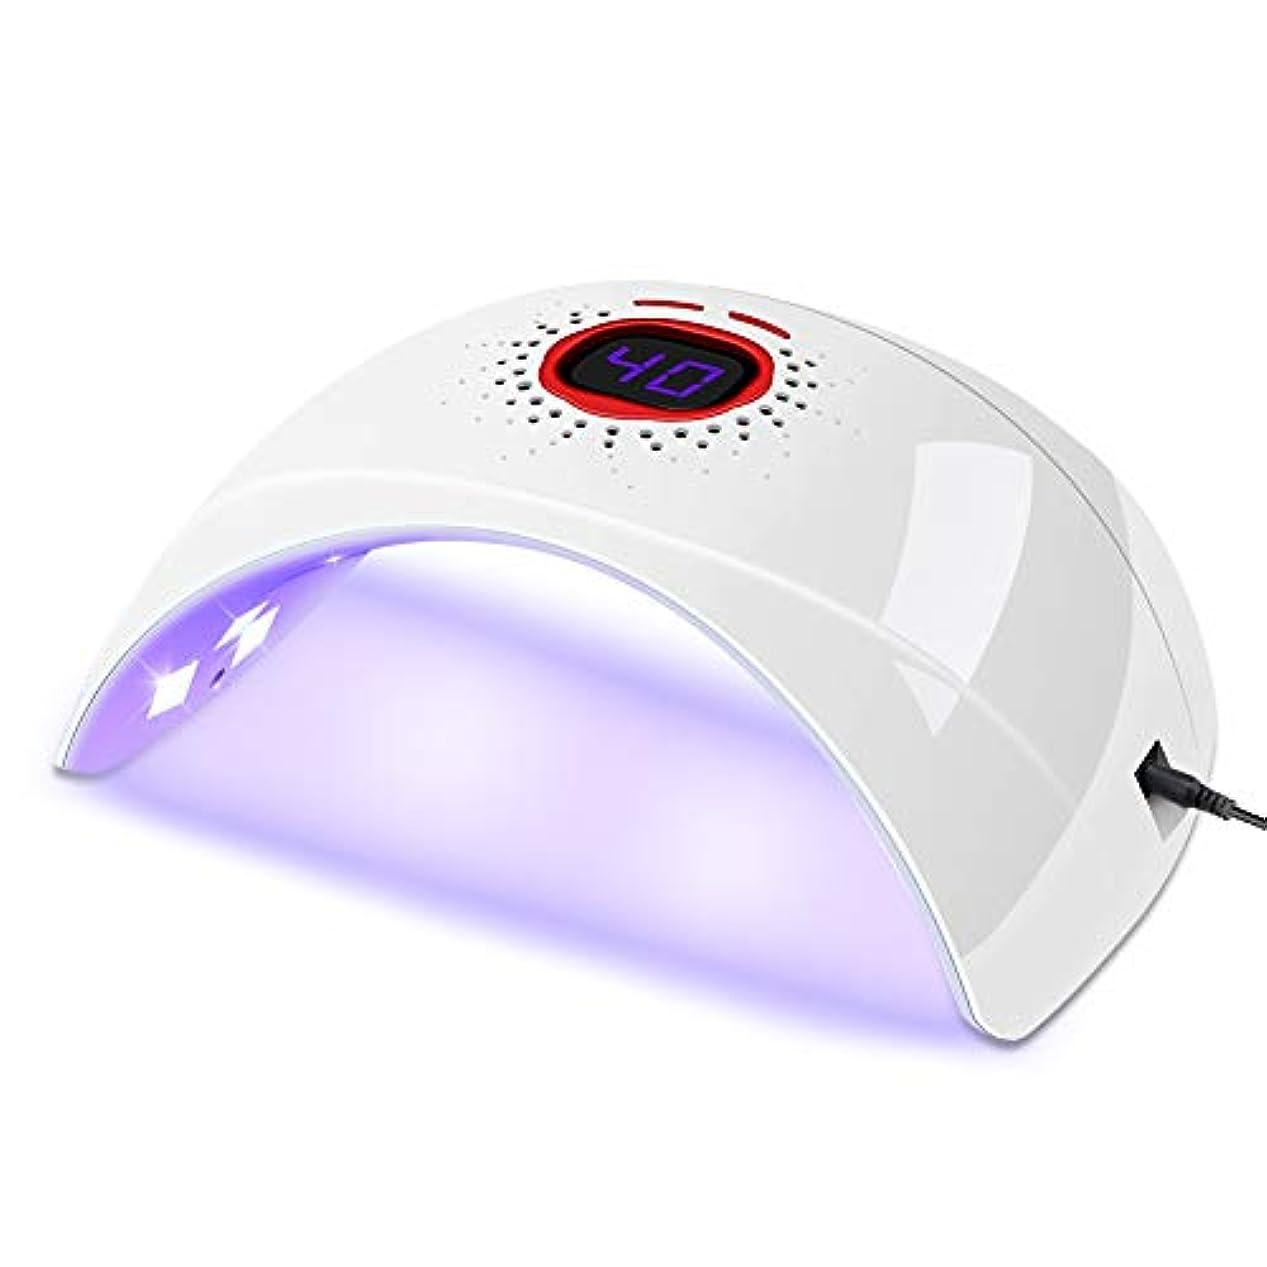 アンカー音放映SULET UVライト ネイルドライヤー 硬化用UVライト 赤外線検知 180° 速乾UV 30s/60sタイマー表示 プロ向き 初心者適用 高速硬化 日本語説明書付き(白)